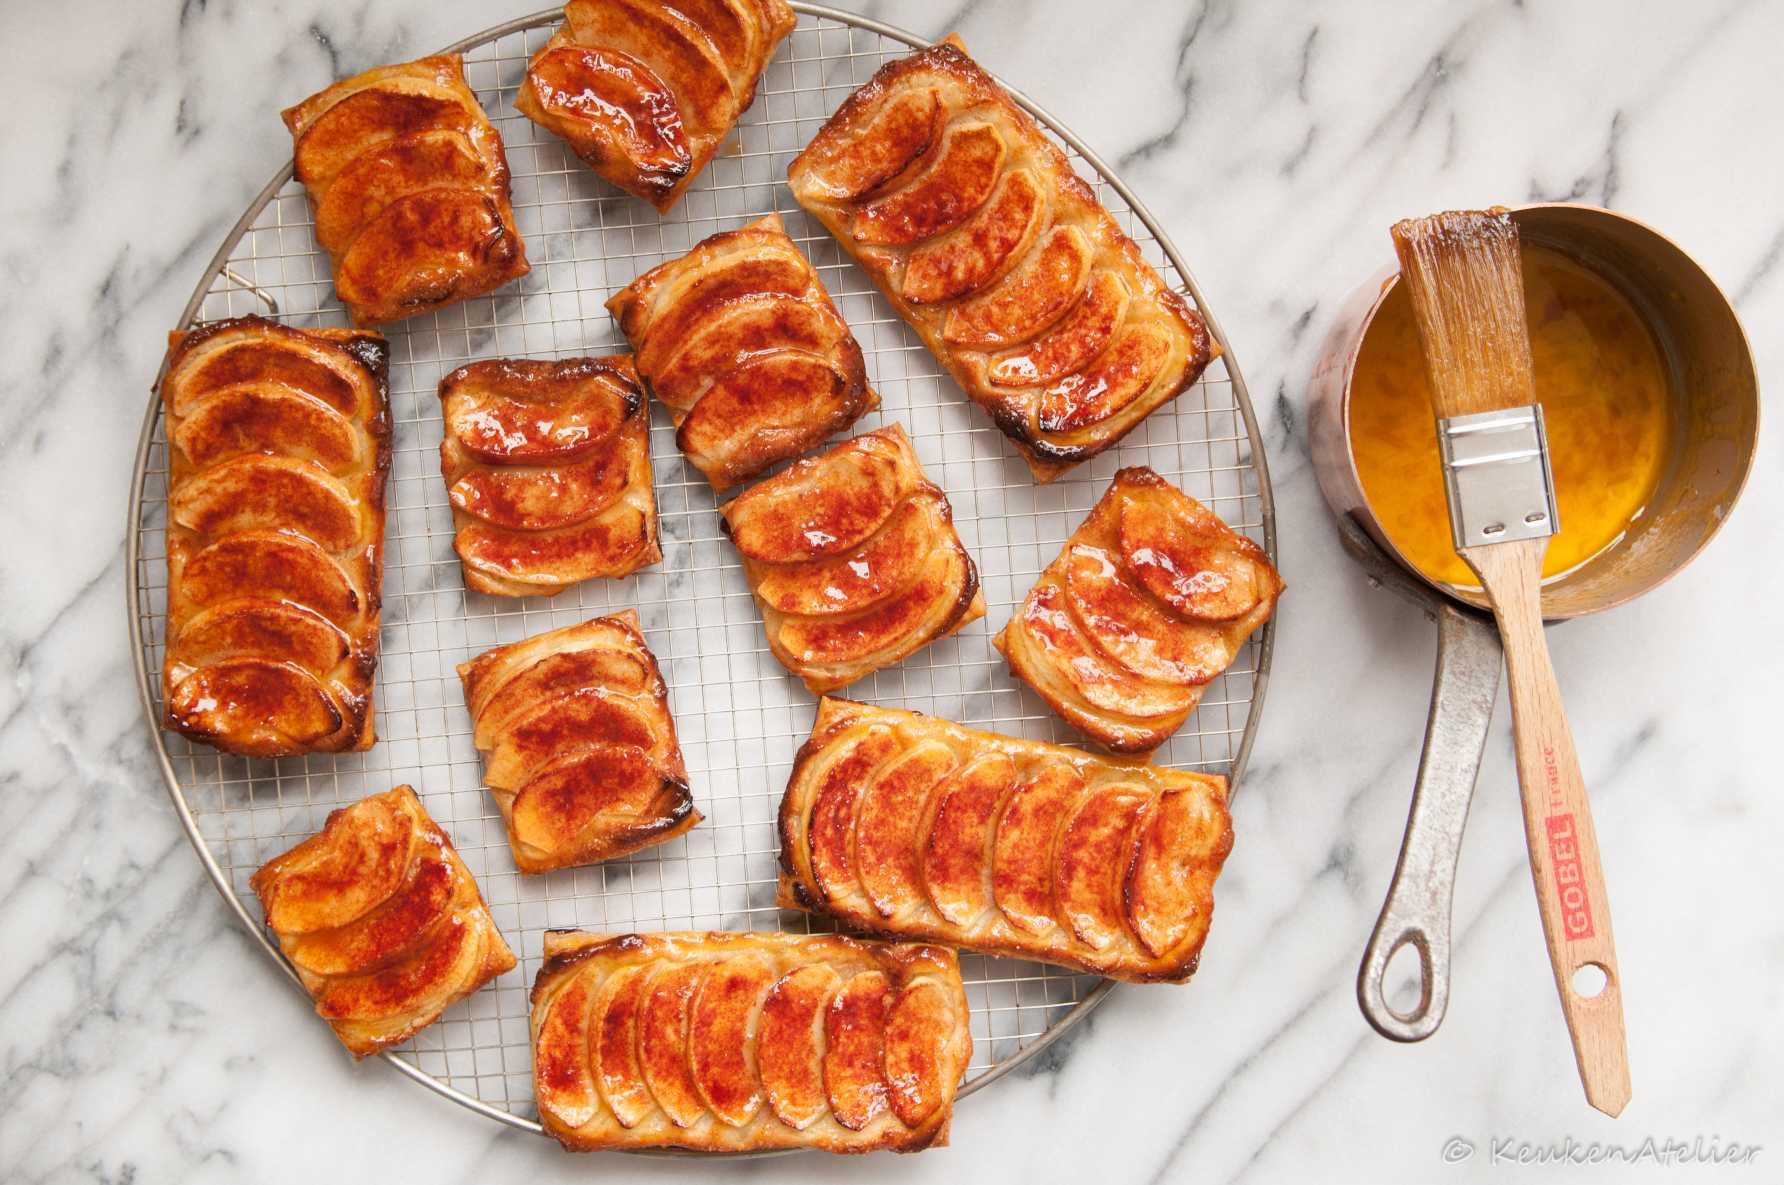 appelmeisjes boven | KeukenAtelier